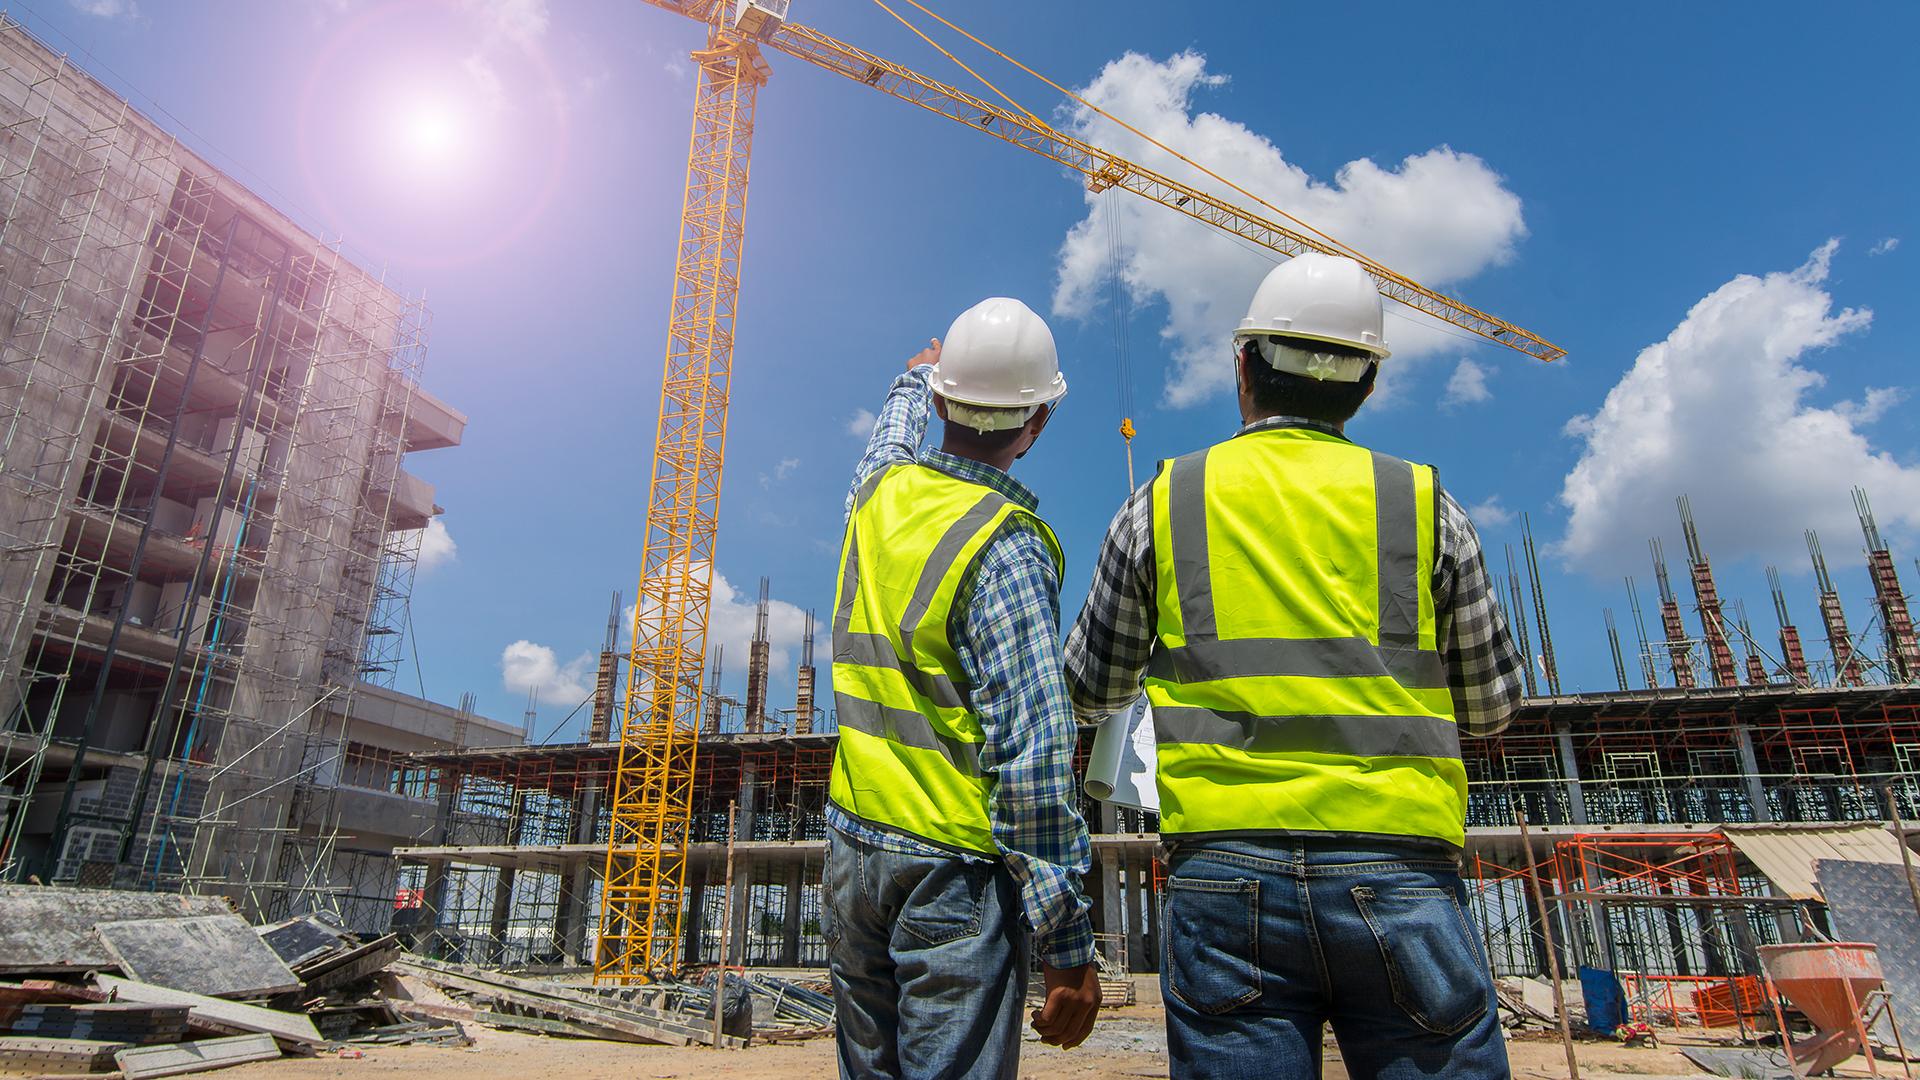 Monimutkaisissa rakennusprojekteissa tarvitaan pätevyyttä ja asiantuntemusta.EJOT tarjoaa laajan tuotevalikoiman sekä kiinnitysosaamisen.